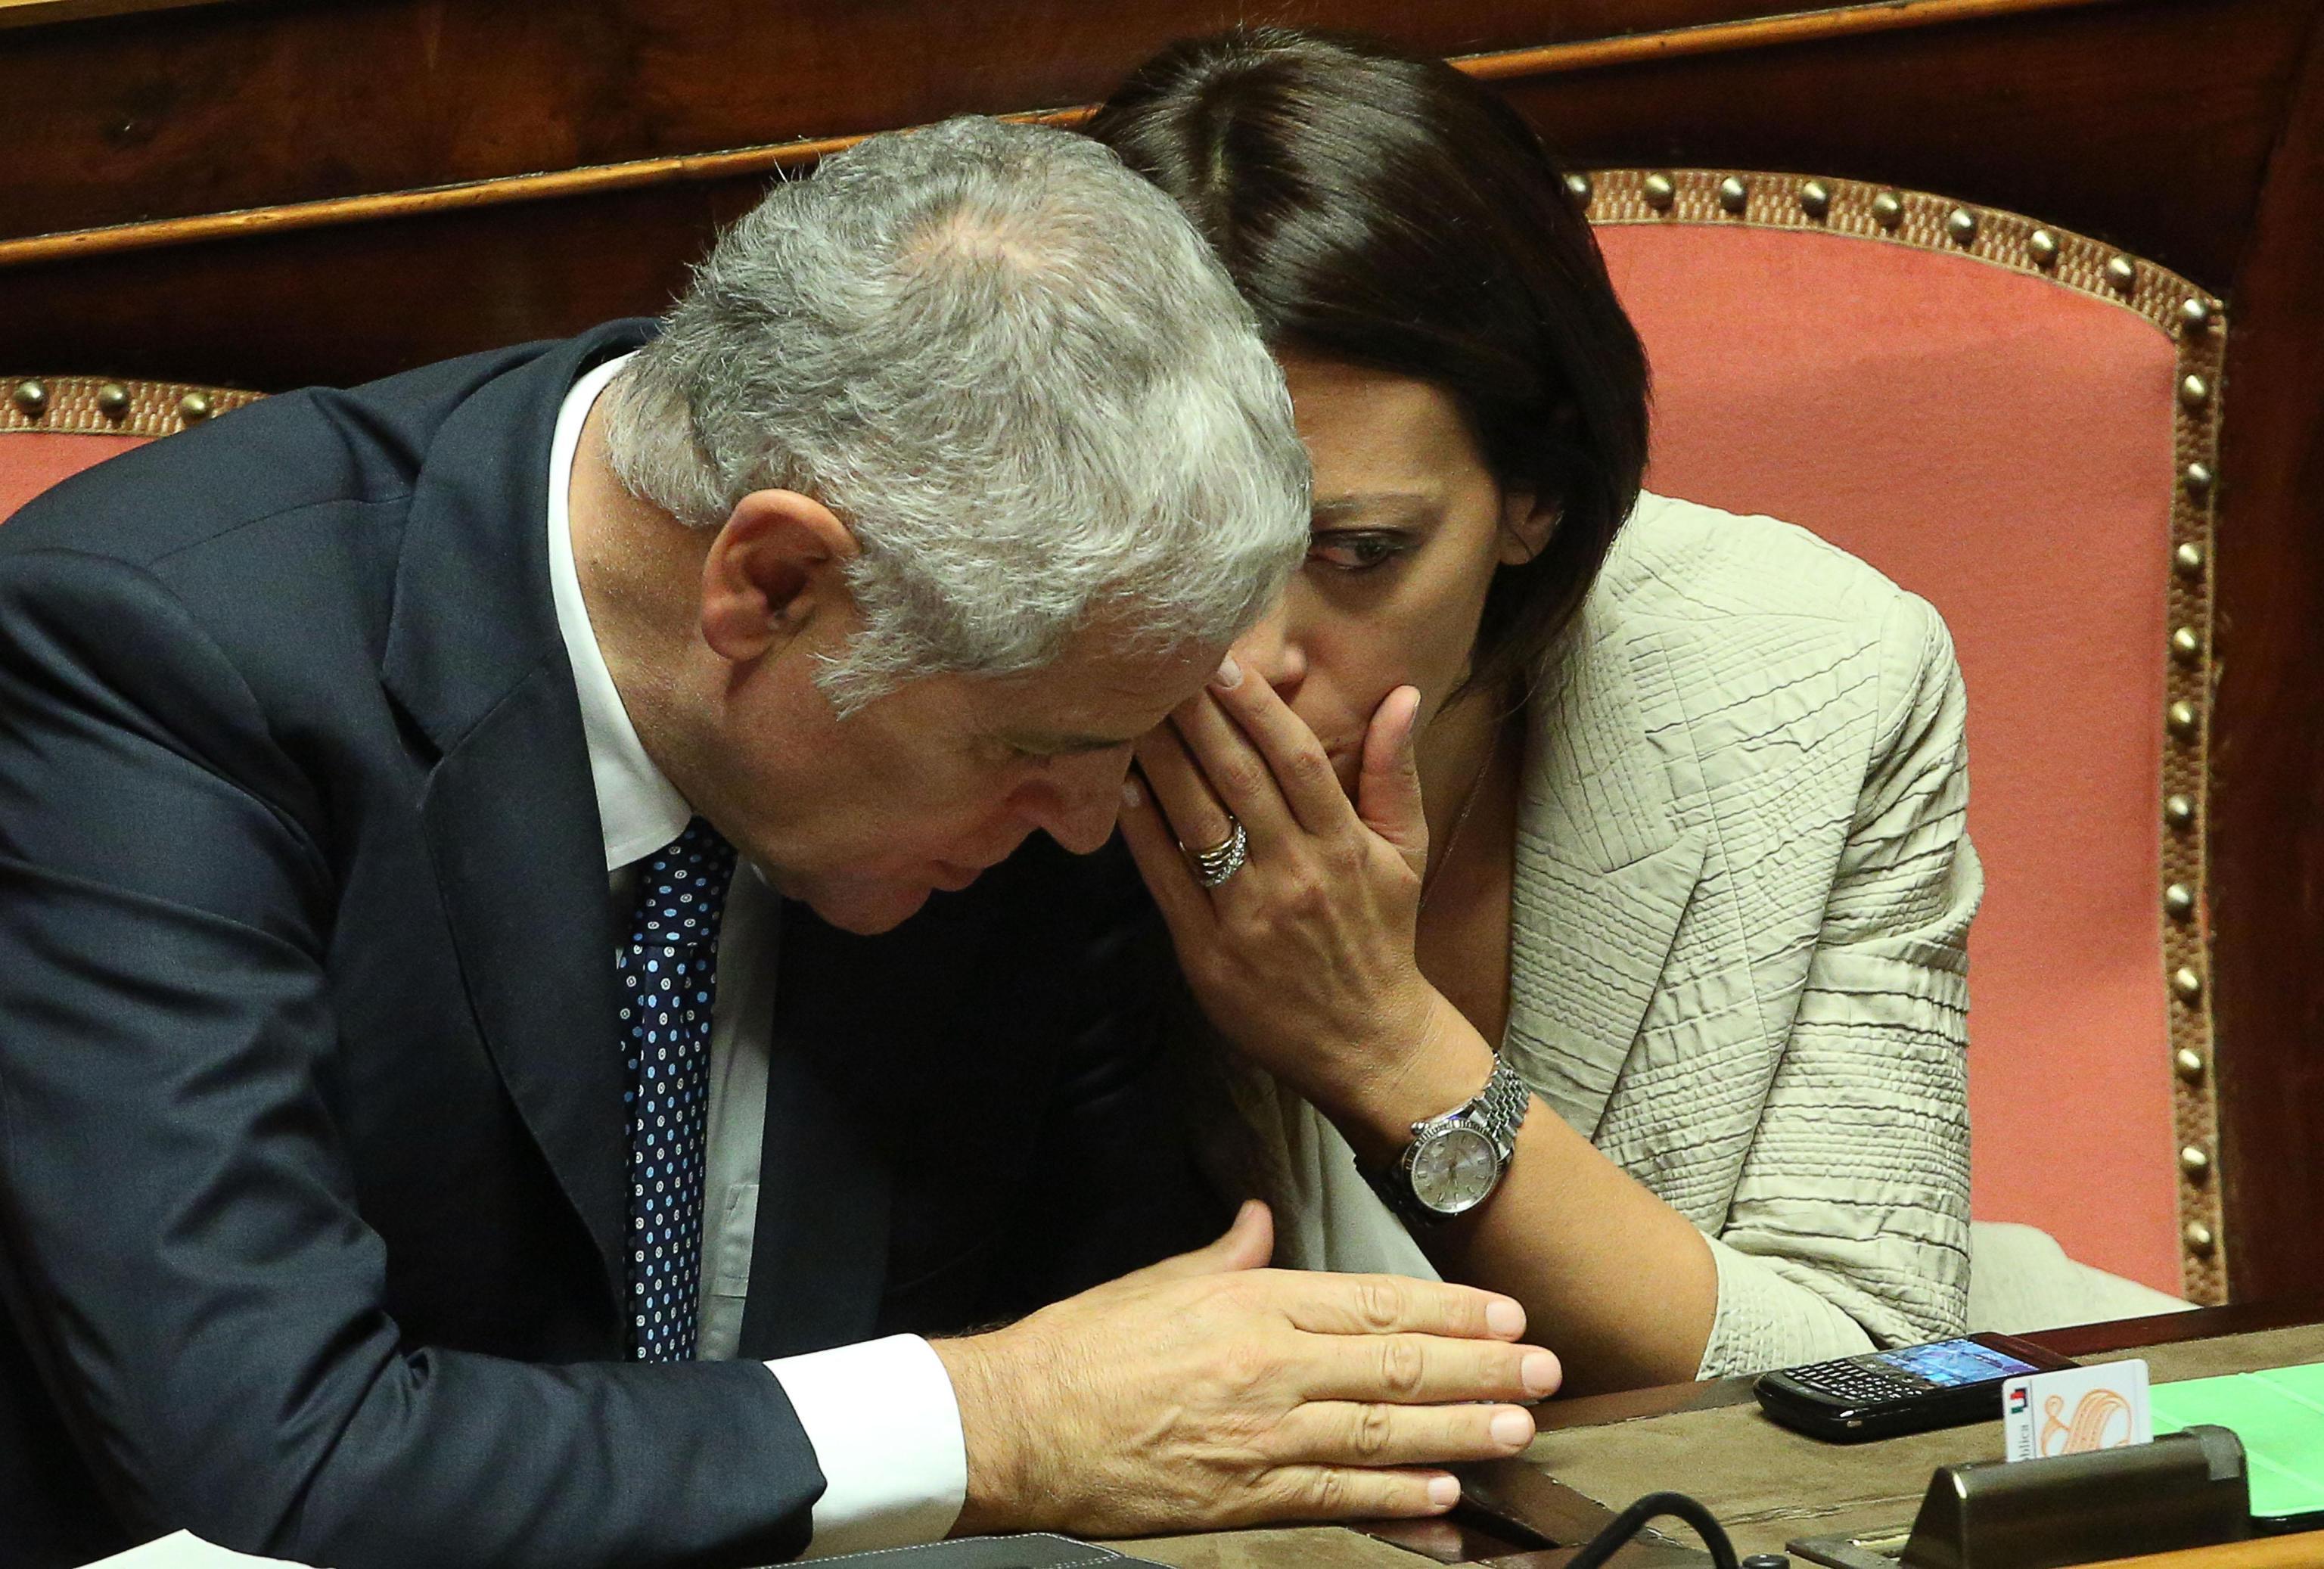 Governo: Formigoni, momento grave, voto sì a fiducia